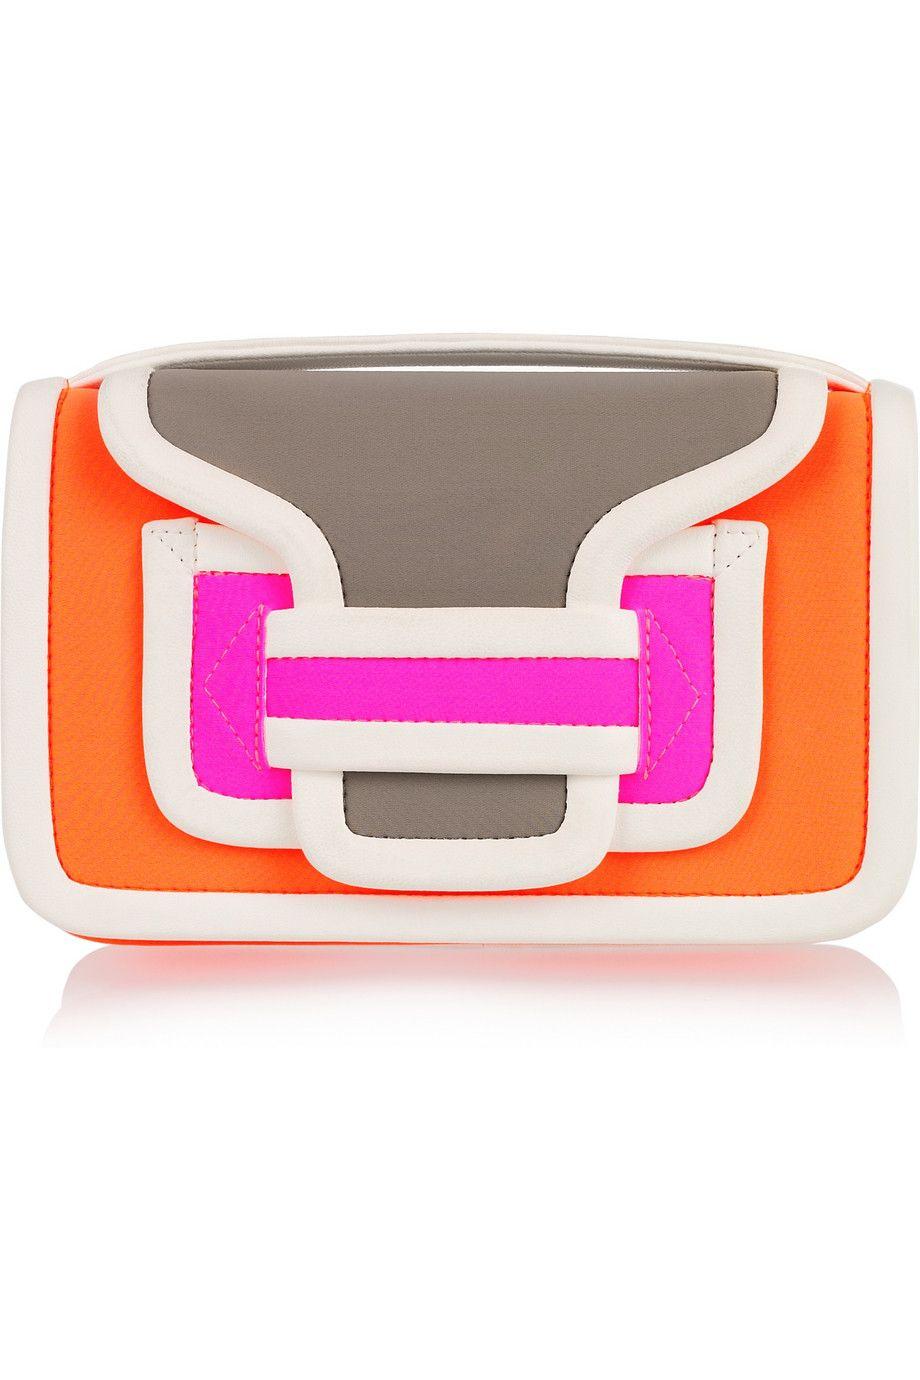 Pierre Hardy - Contrast leather-trimmed neoprene clutch